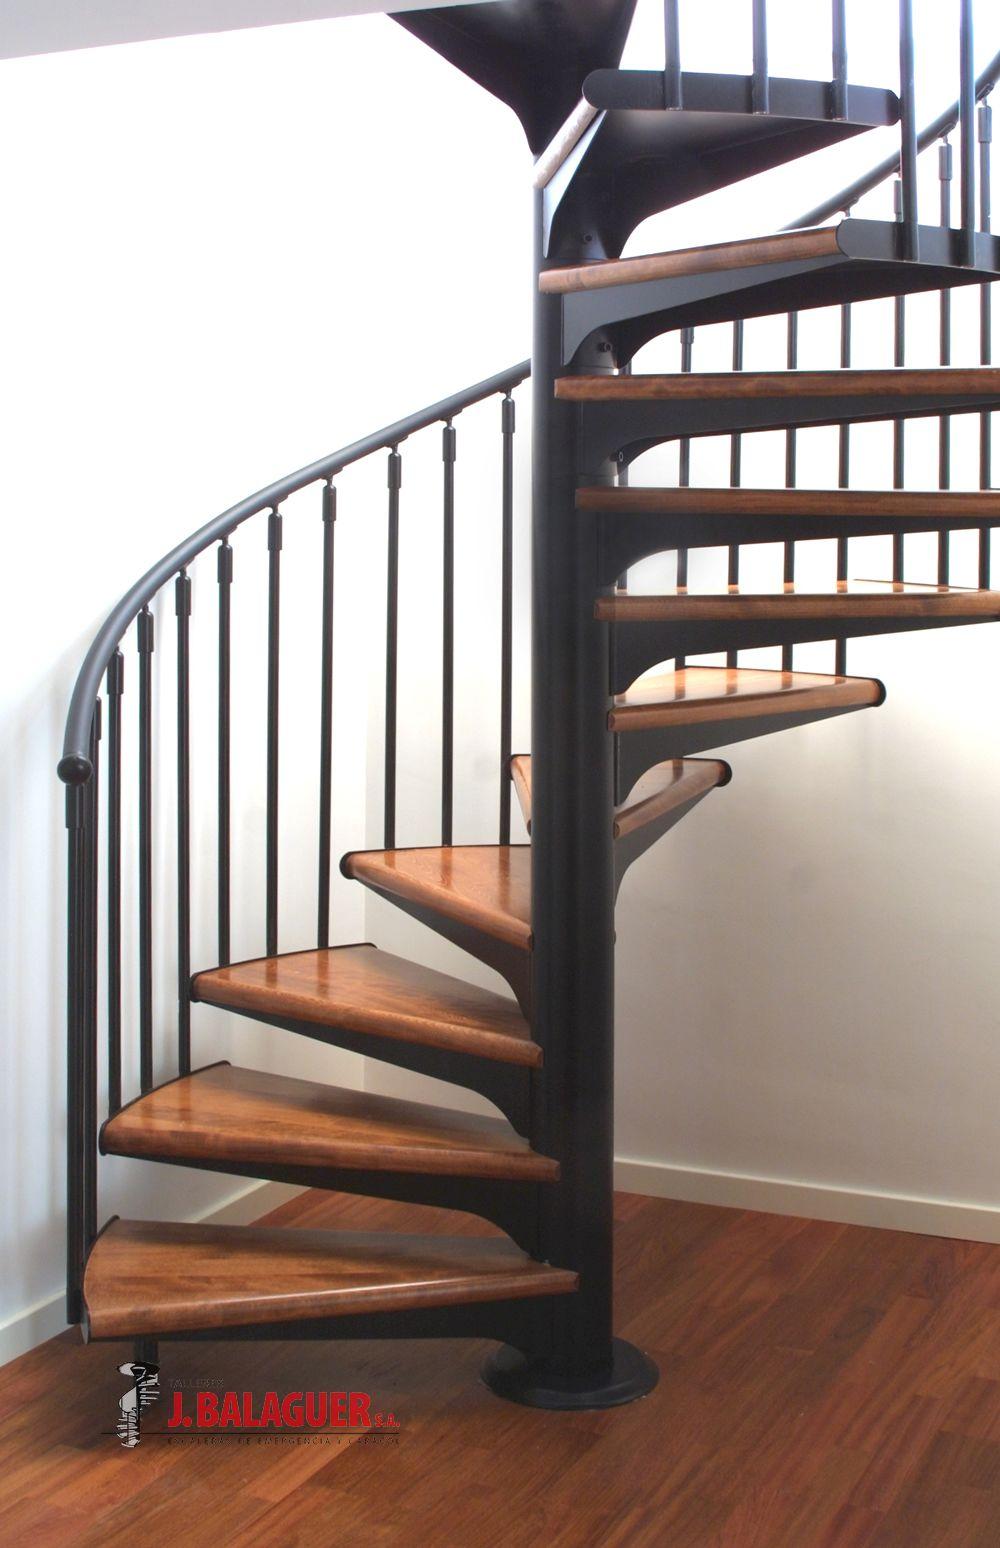 Spiral staircase escaleras balaguer - Escaleras de caracol metalicas ...